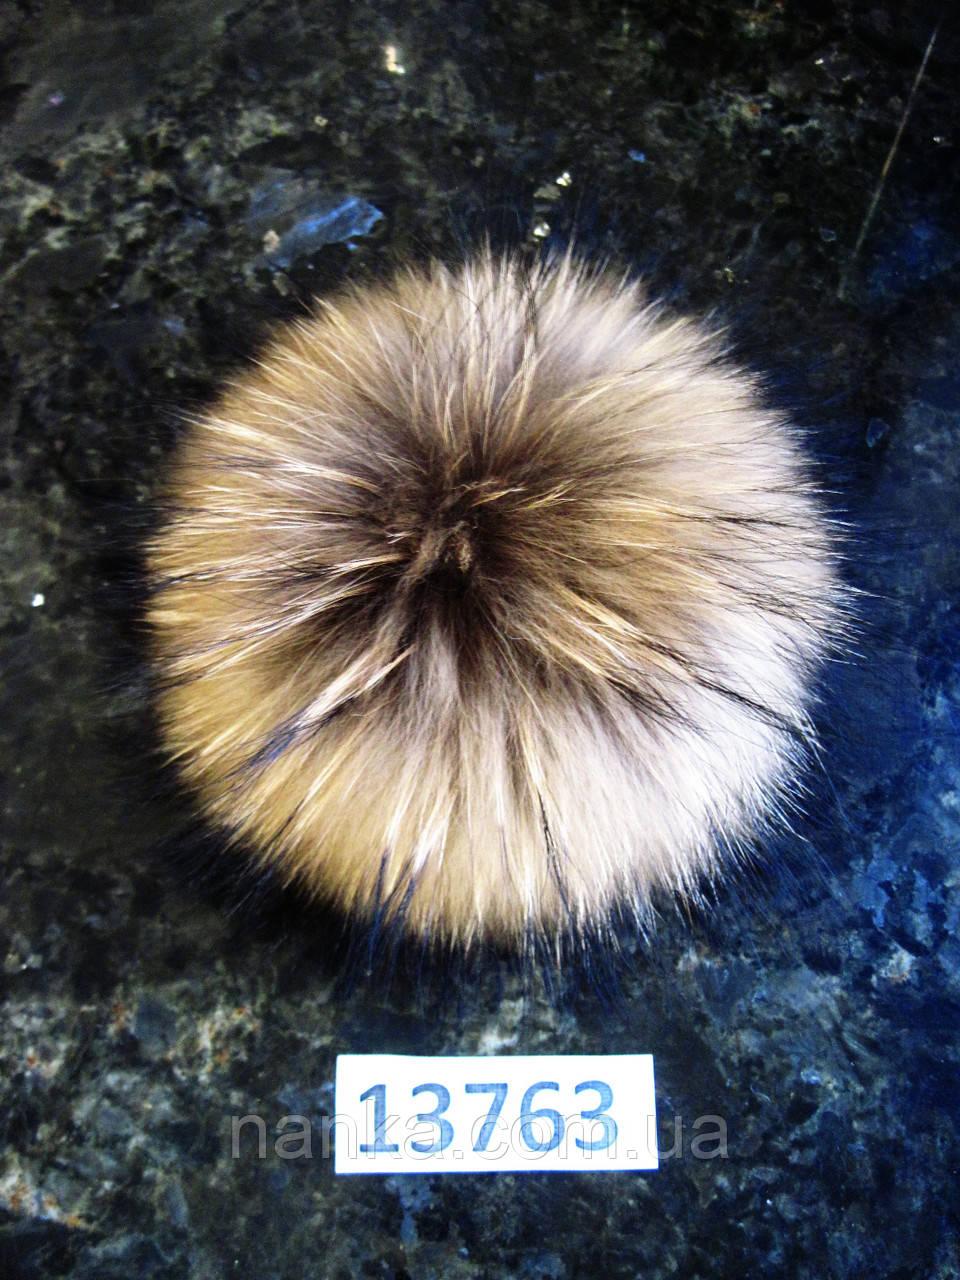 Меховой помпон Енот, 21 см, 13763